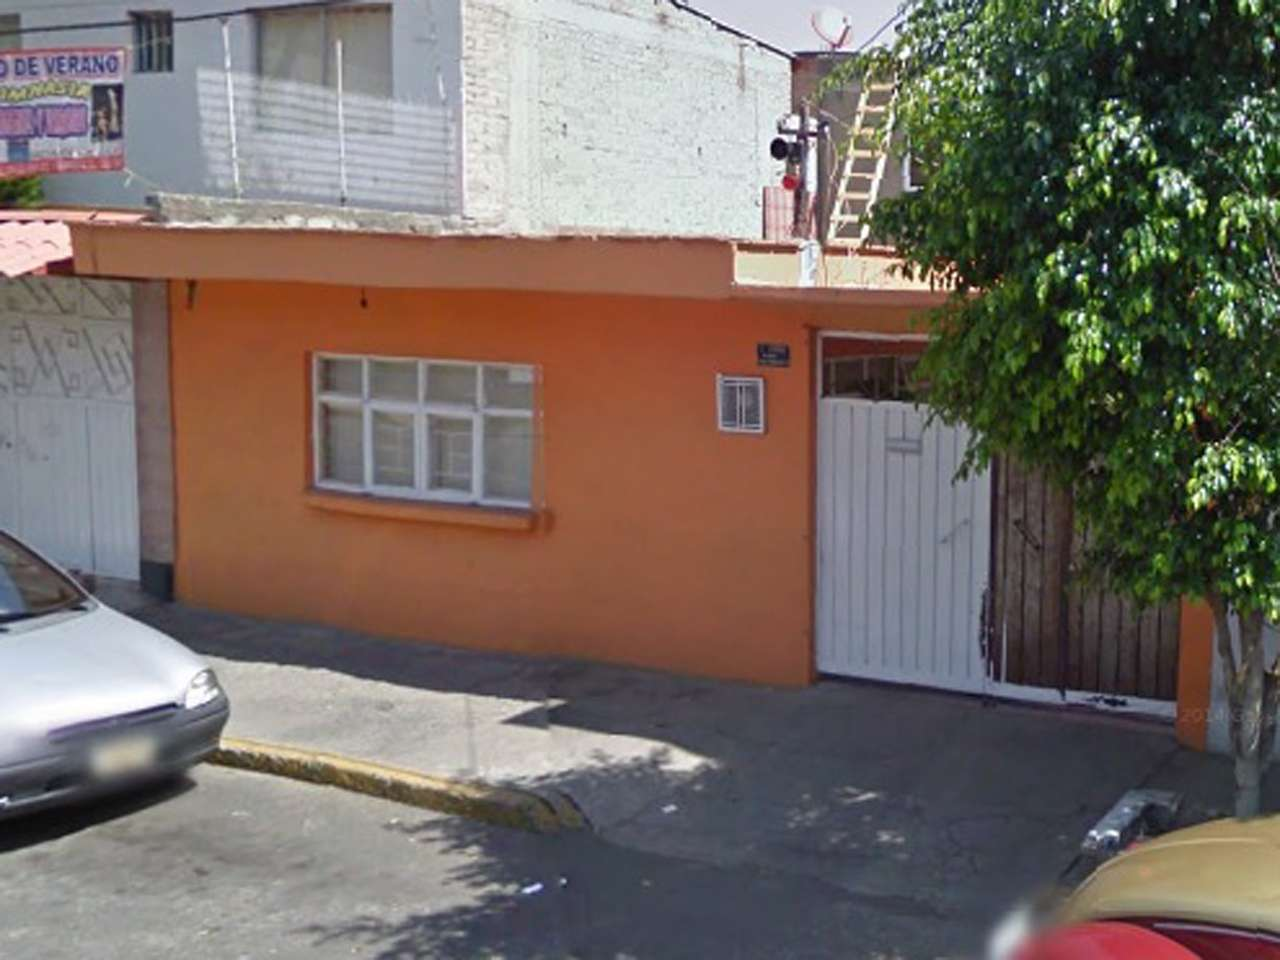 En el domicilio de Texcoco #100 fue enterrado el cuerpo de la adolescente Foto: Imagen tomada de Google Maps